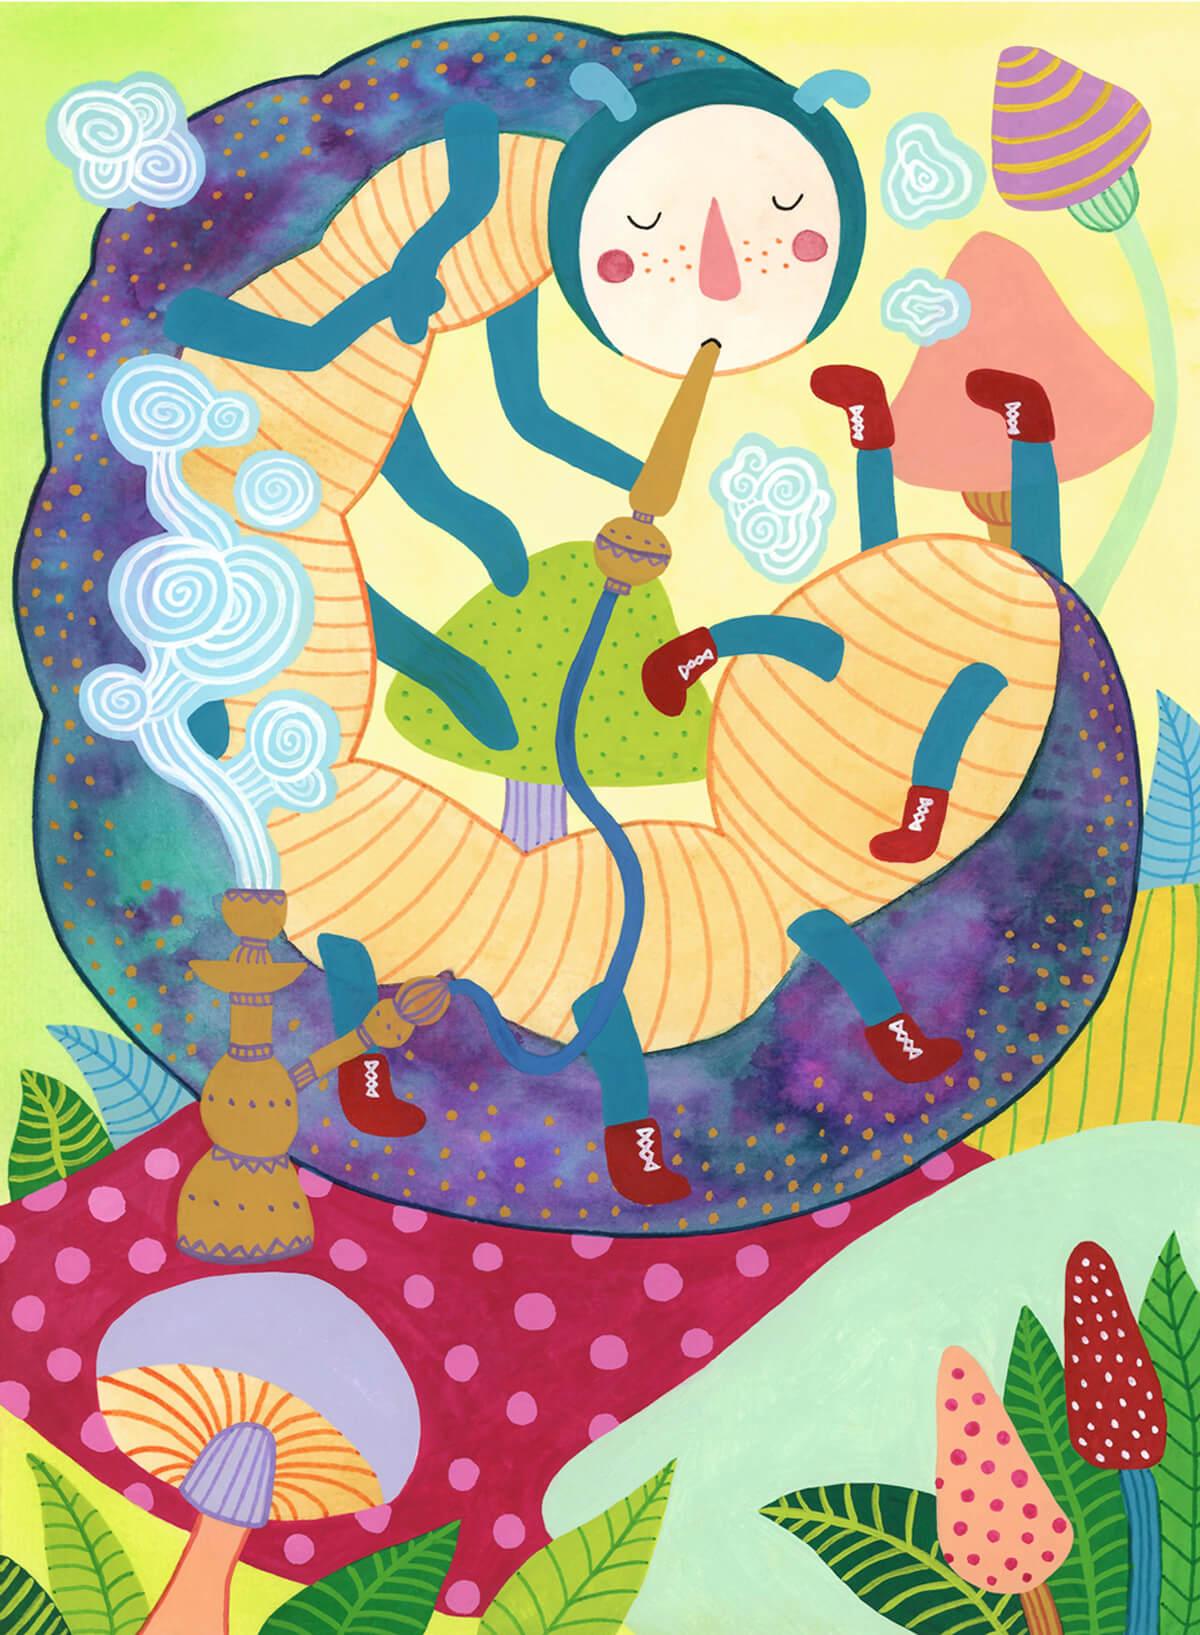 Sanne Bruinsma Illustraties & Vormgeving Boekie Boekie stArt Award 2015 Alice in Wonderland rups illustratie wedstrijd inzending